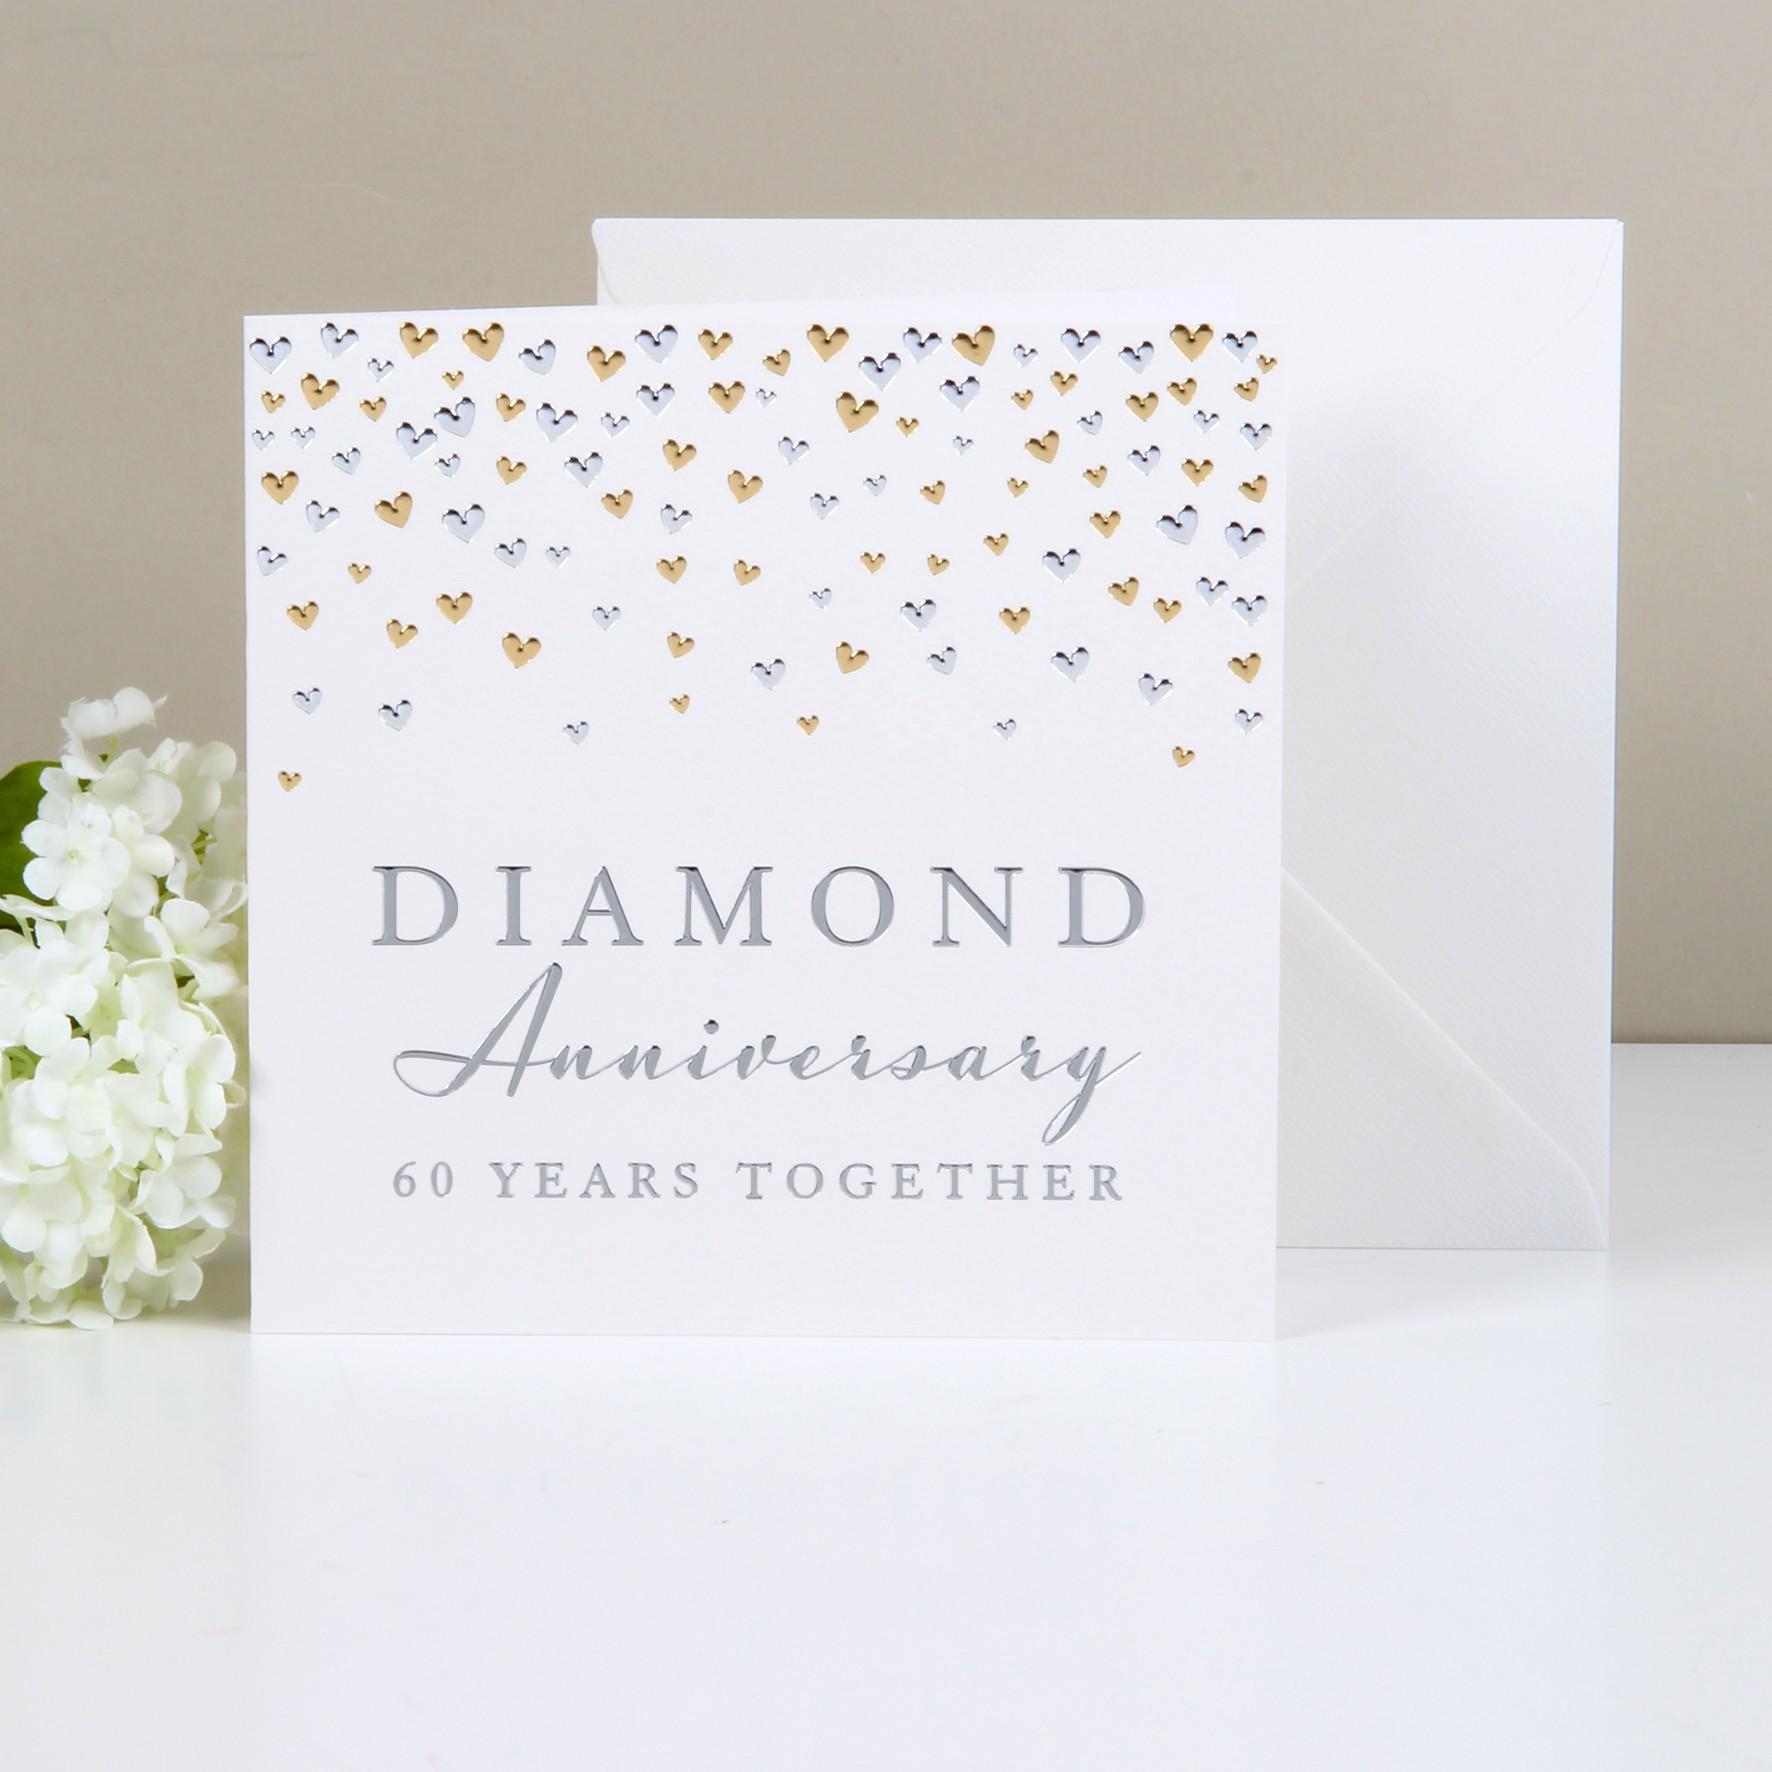 Anniversario Matrimonio In Inglese.Biglietto Di Auguri Per Nozze Di Diamante